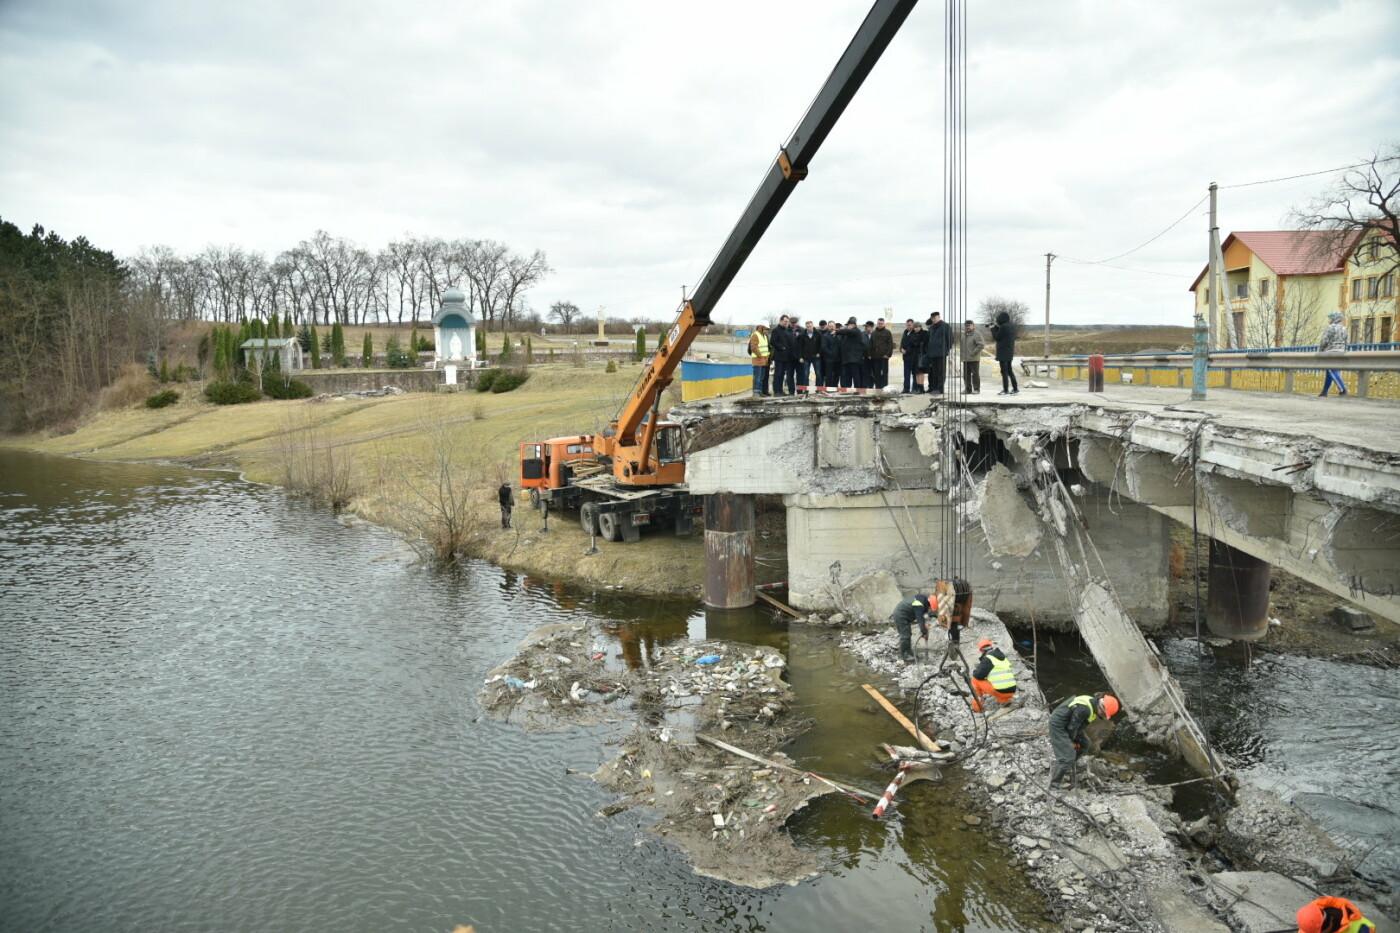 Міністр інфраструктури України оглянув аварійний міст у Лисівцях (фото), фото-1